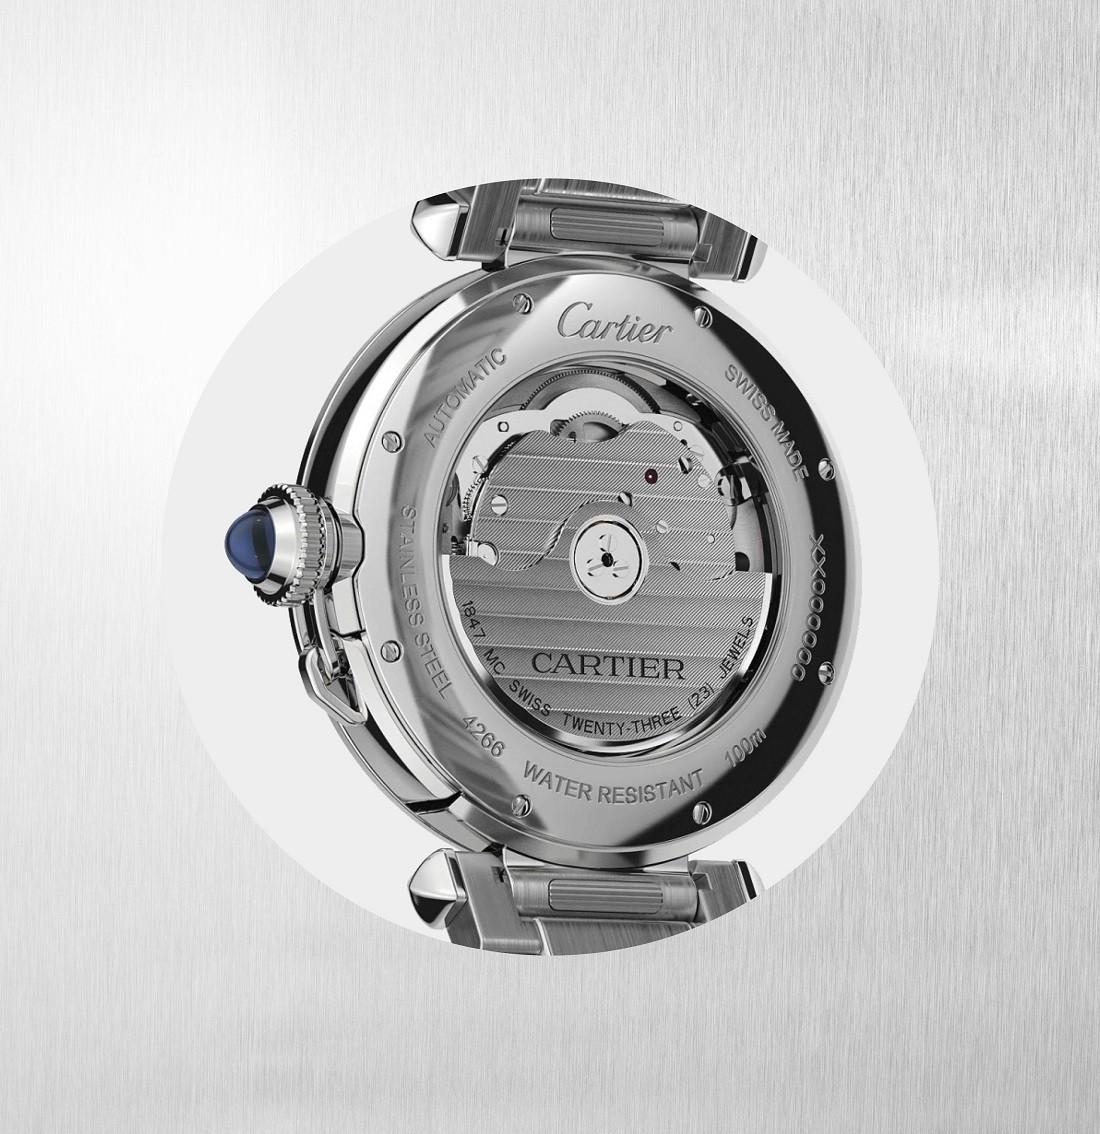 小さなチェーンで結ばれたブルースピネル、あるいはサファイアが埋め込まれたリューズ。オプションのサービスとして、ケースの側面にイニシャルのエングレービングを刻むことができる。Cédric Vaucher © Cartier